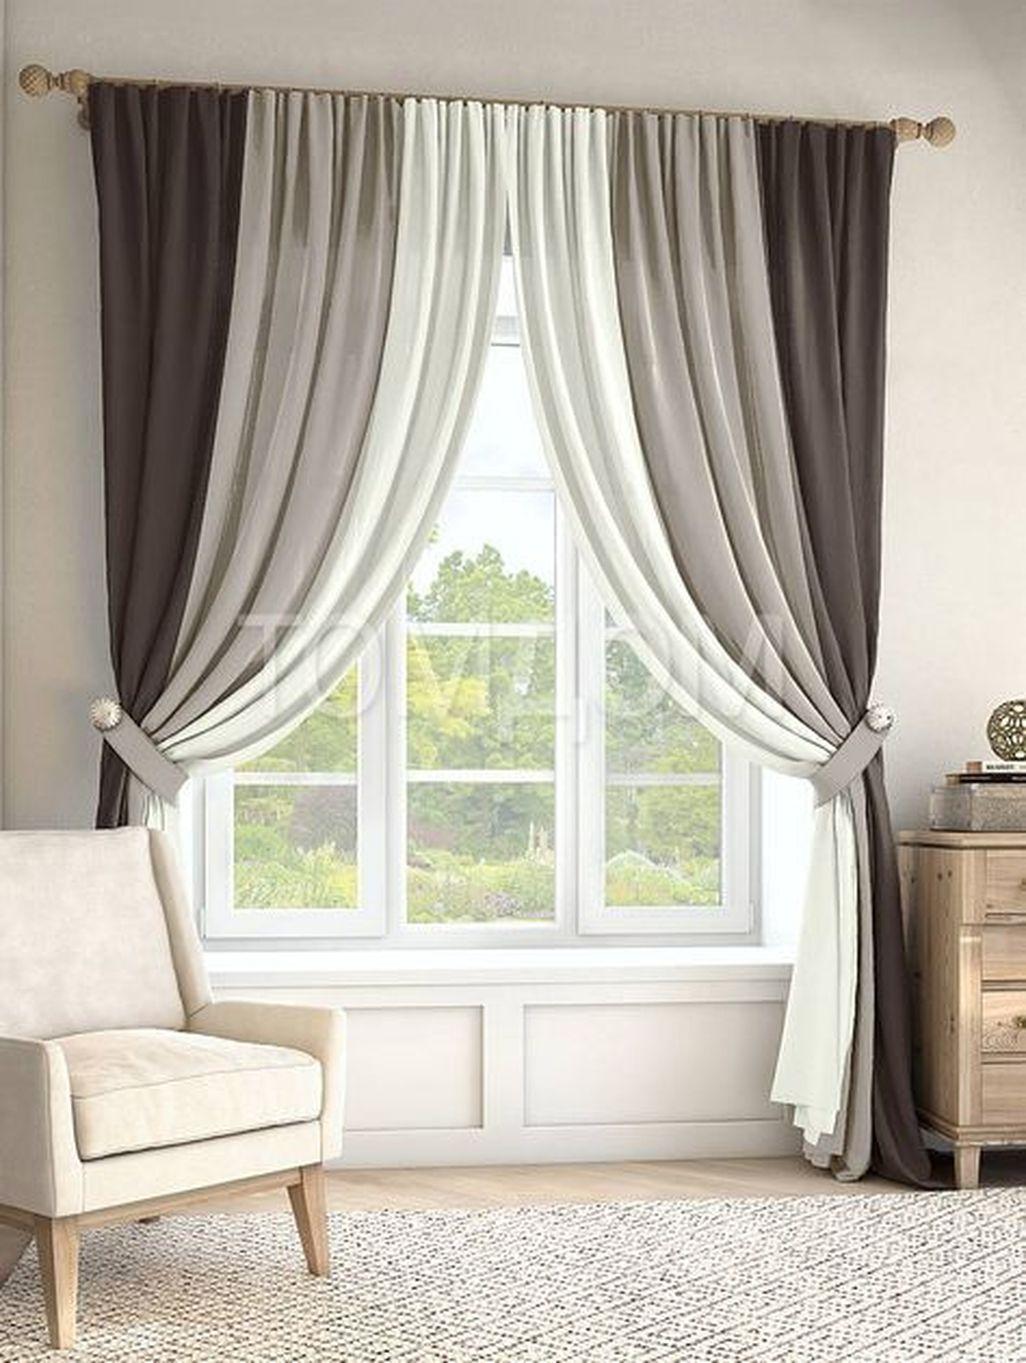 Modern Home Curtain Design Ideas 40